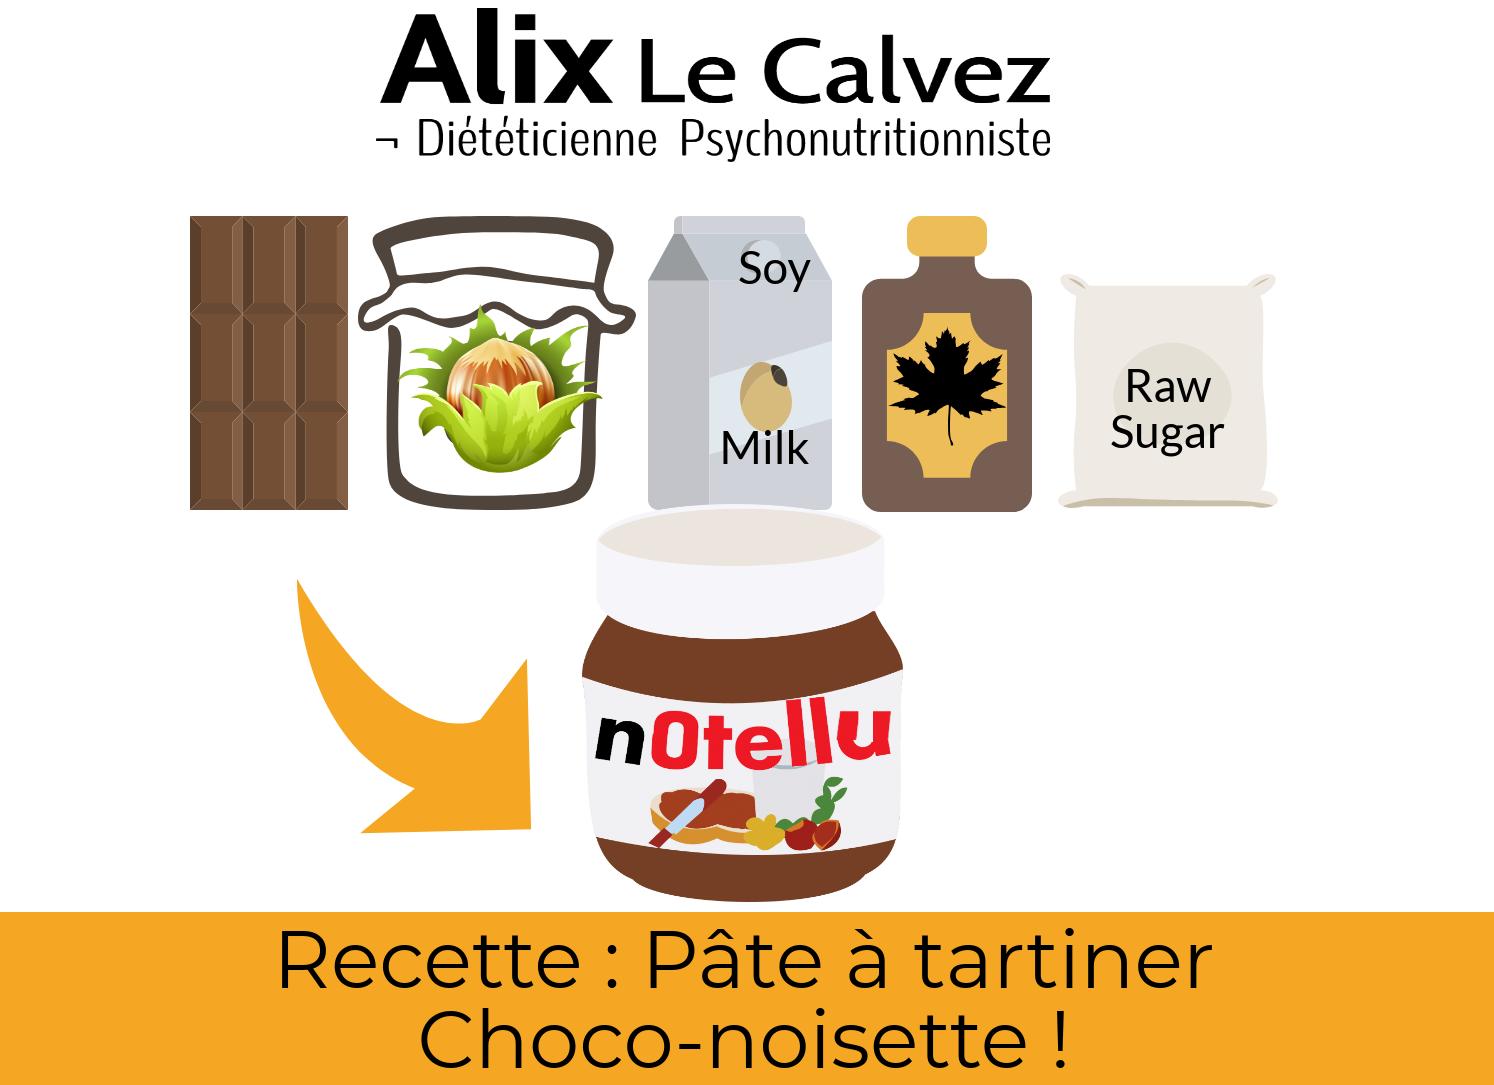 pâte à tartiner chocolat-noisette par Alix Le Calvez Diététicienne Psychonutritionniste